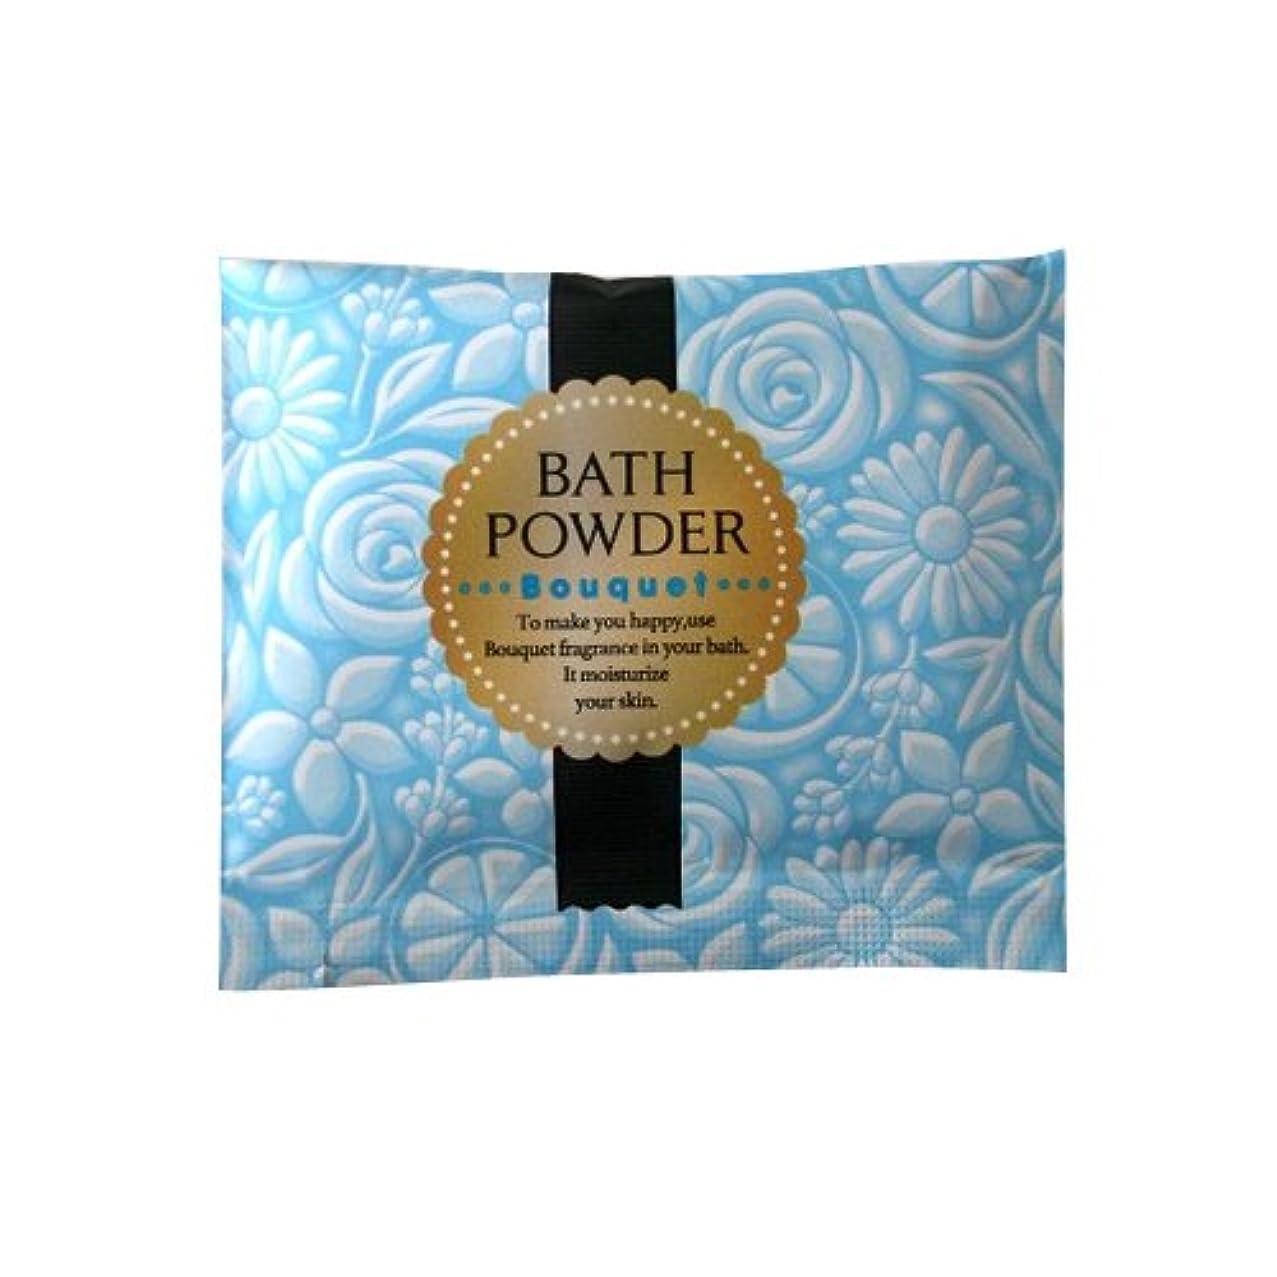 役員マーティンルーサーキングジュニア組み合わせ入浴剤 LUCKY BATH (ラッキーバス) 25g ブーケの香り